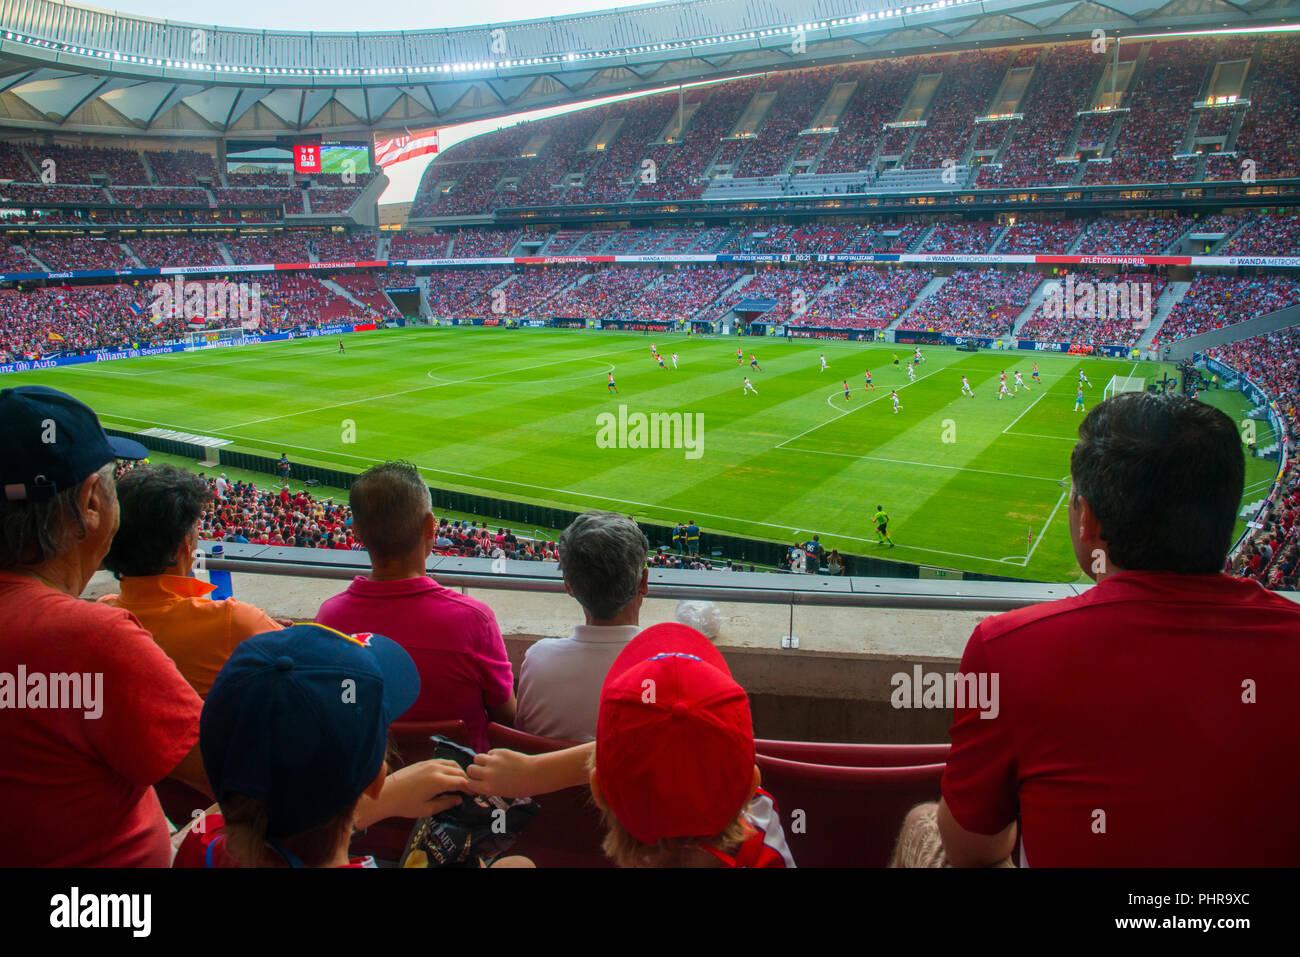 Los espectadores durante el partido de fútbol. Wanda Metroplitano Stadium, Madrid, España. Foto de stock